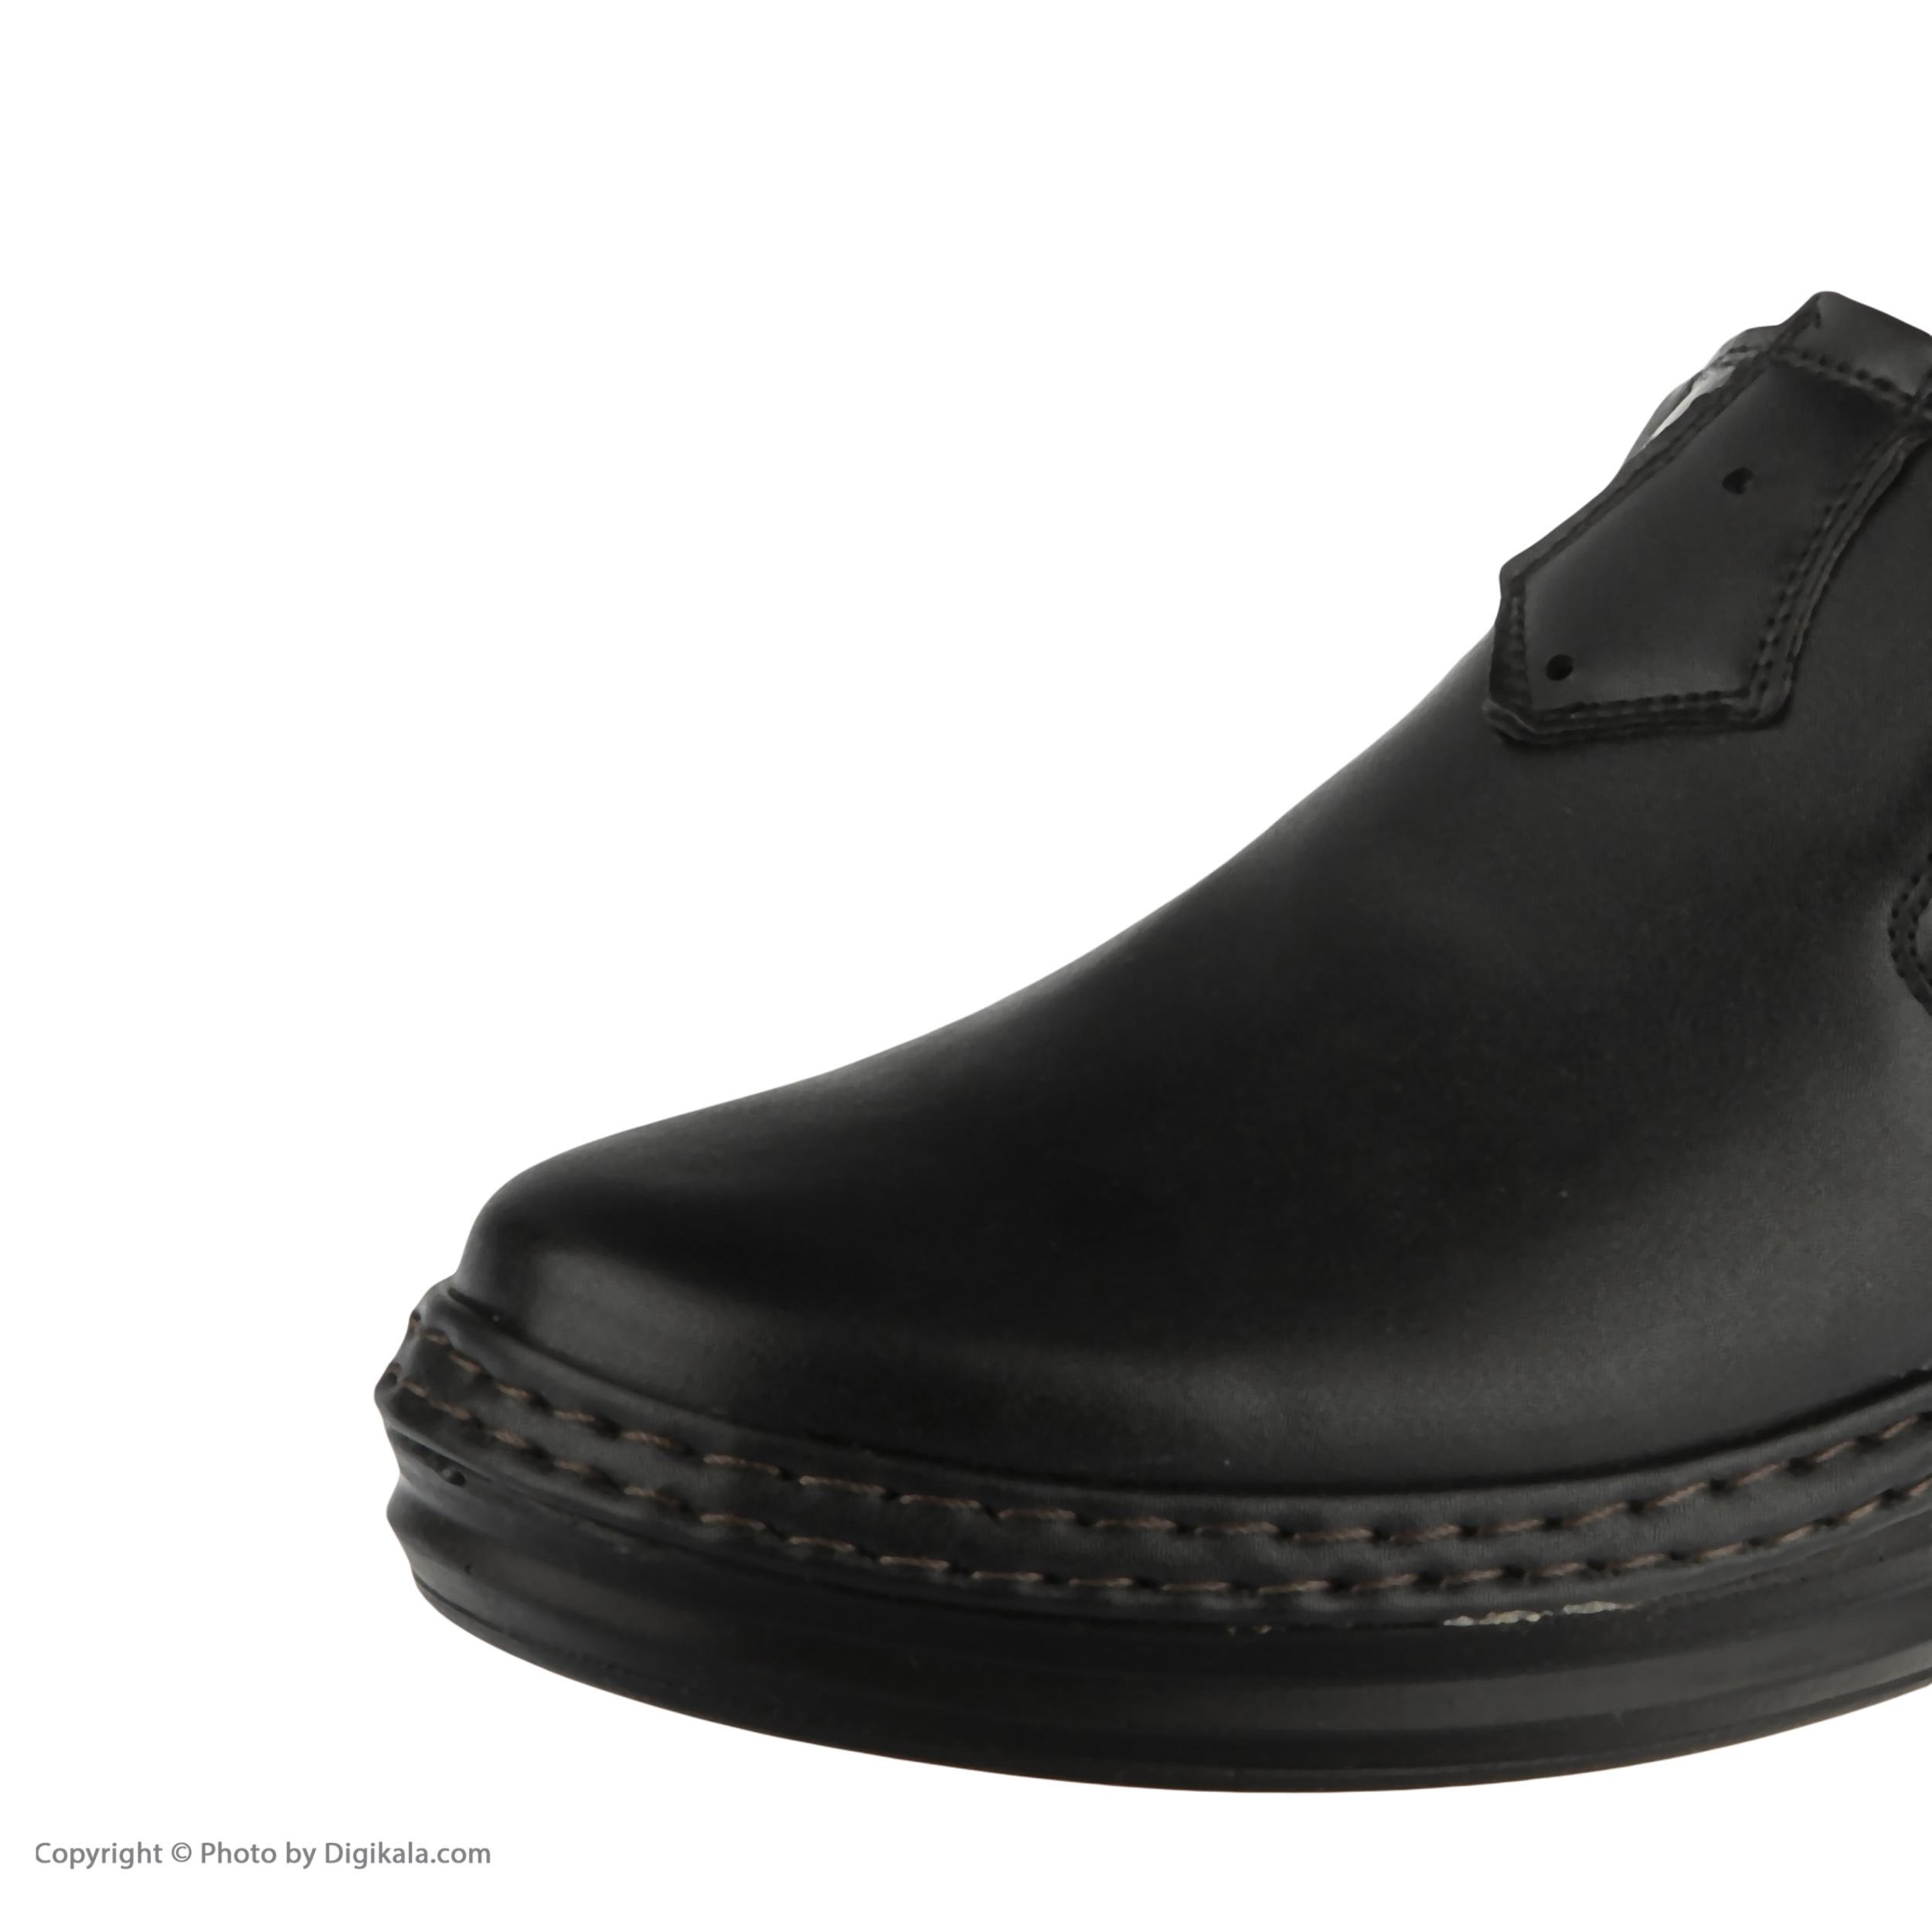 کفش روزمره مردانه اسپرت من مدل 40024-1-13  -  - 8